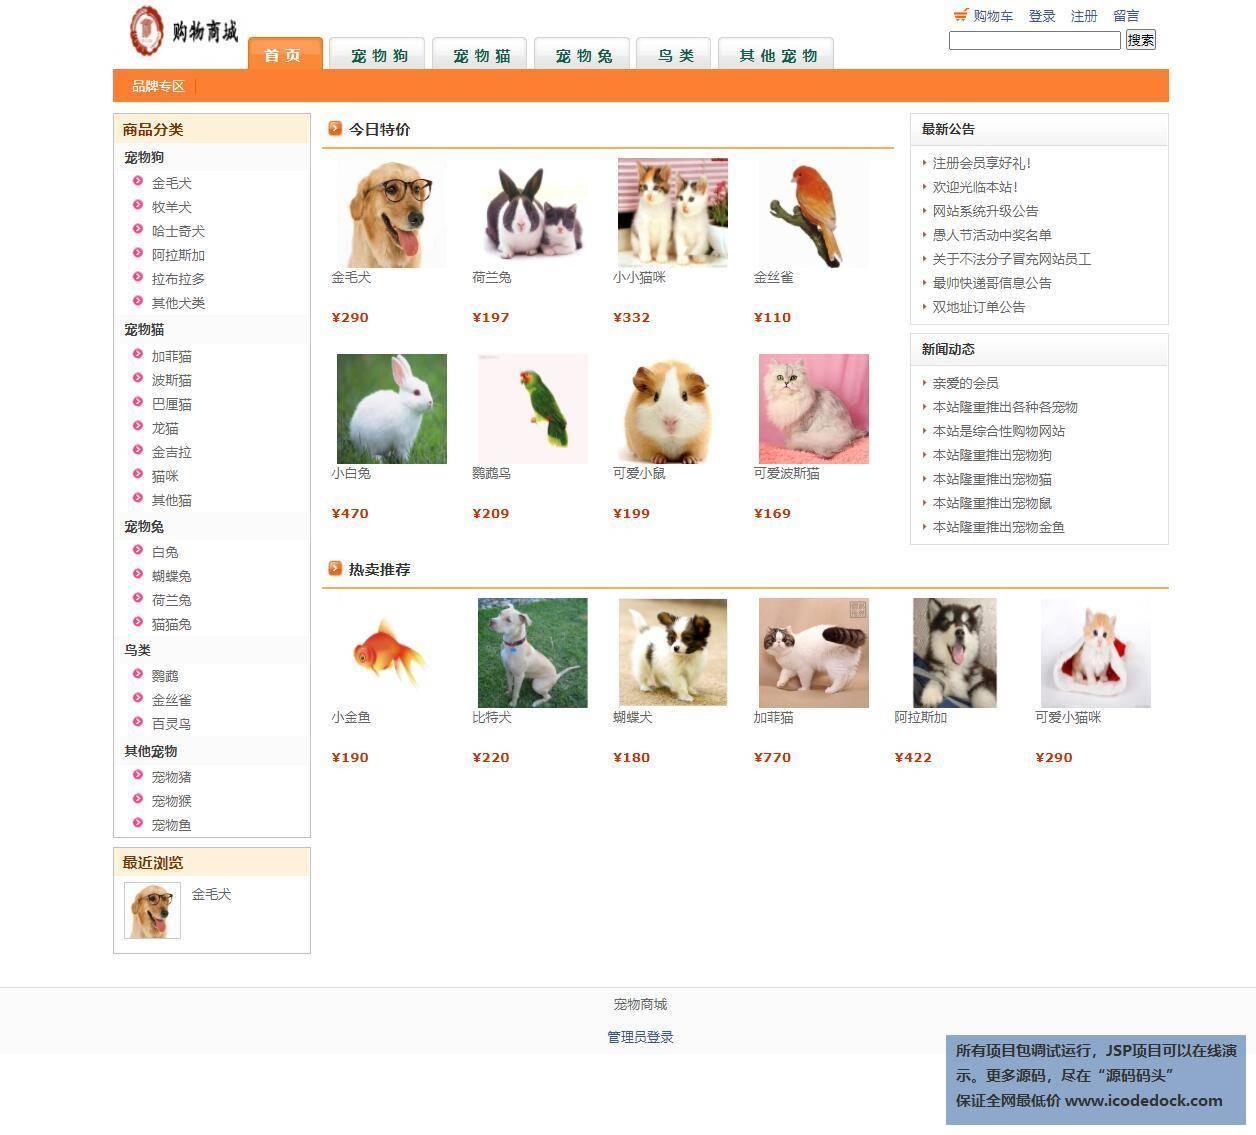 源码码头-SSH实现的一个宠物商城-用户角色-用户首页